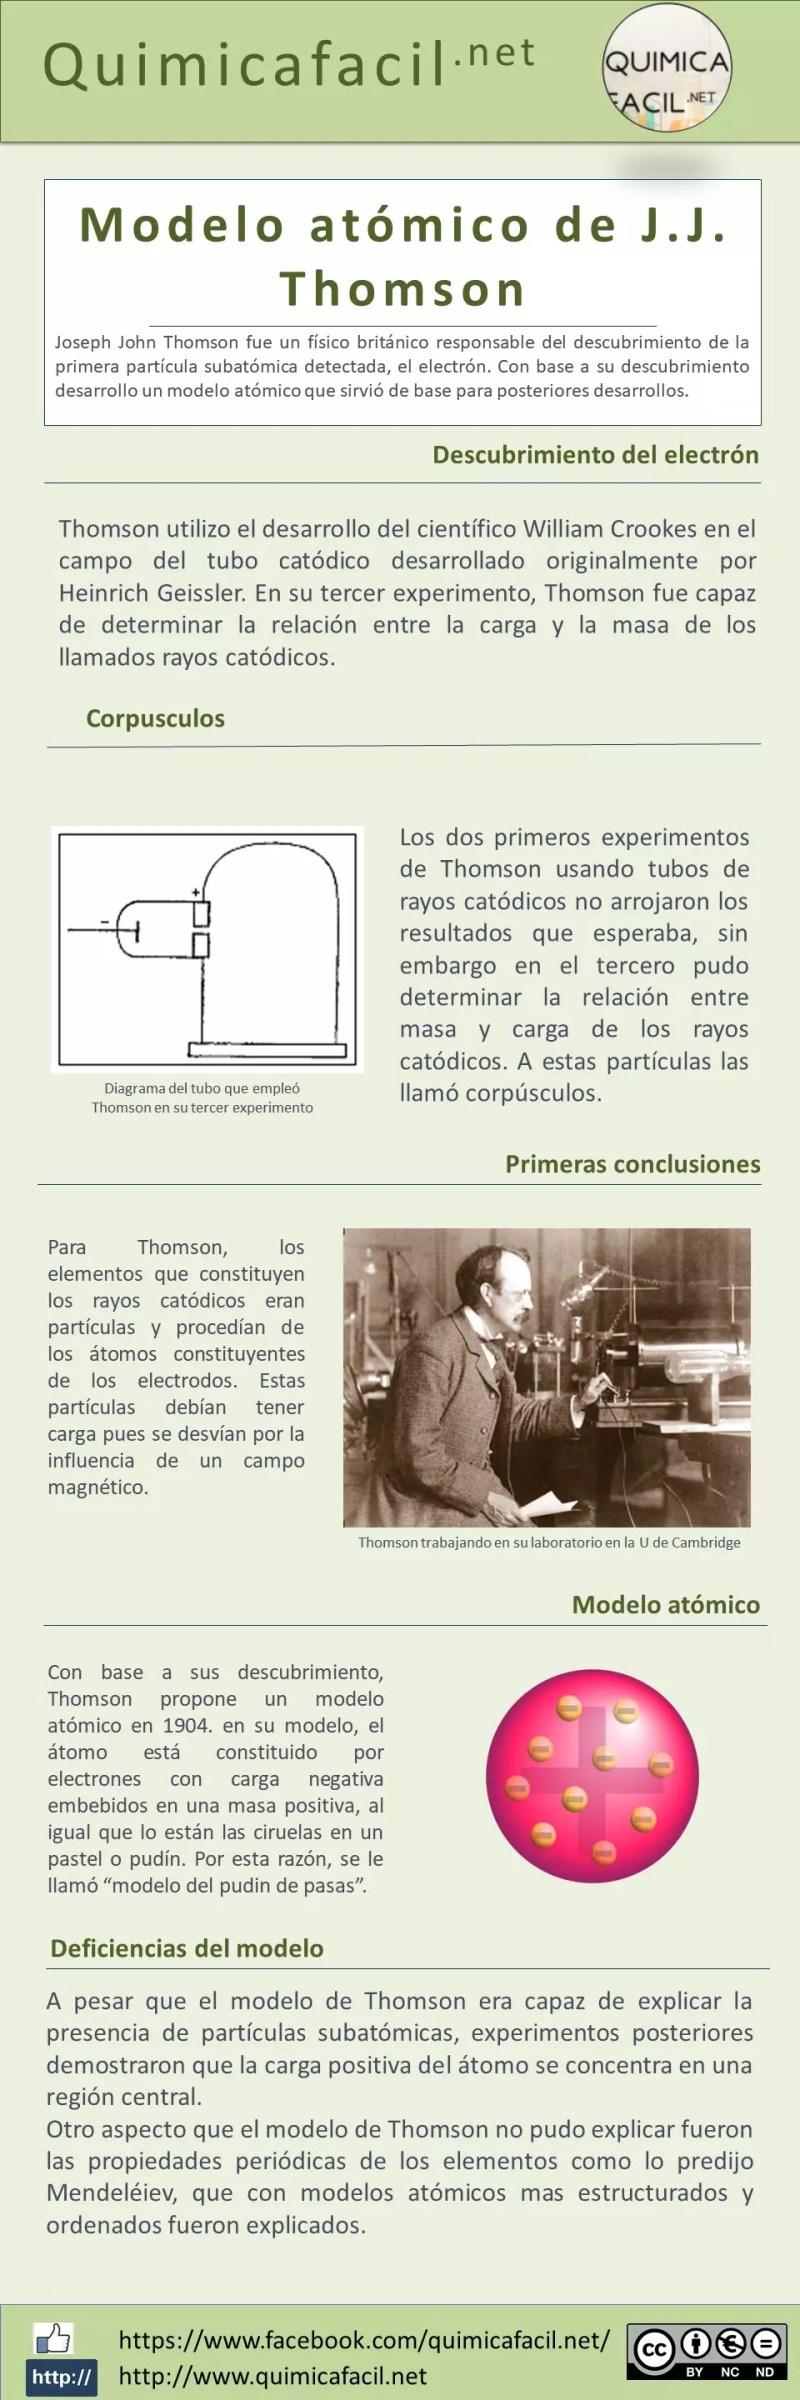 Infografia Modelo atómico de Thomson